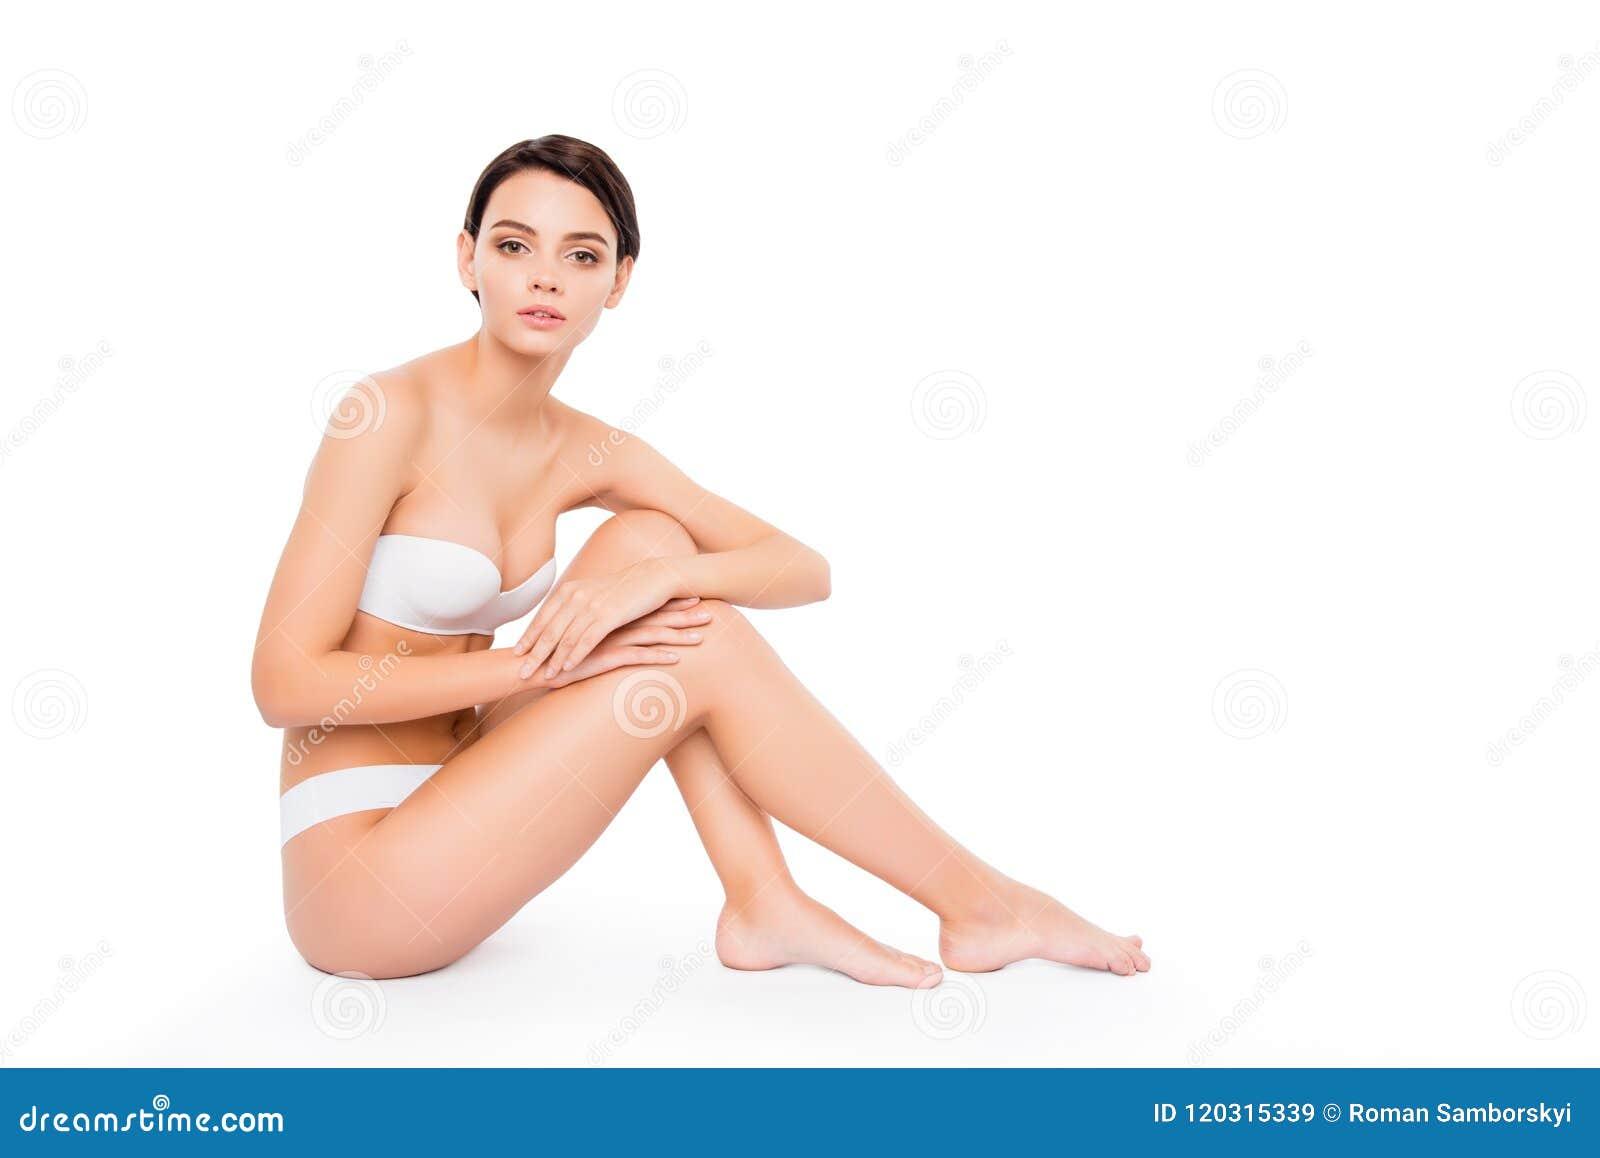 Junges nettes Mädchen, das auf den rührenden glatten Beinen des Bodens sitzt Lokalisiert auf rührender idealer perfekter Haut des